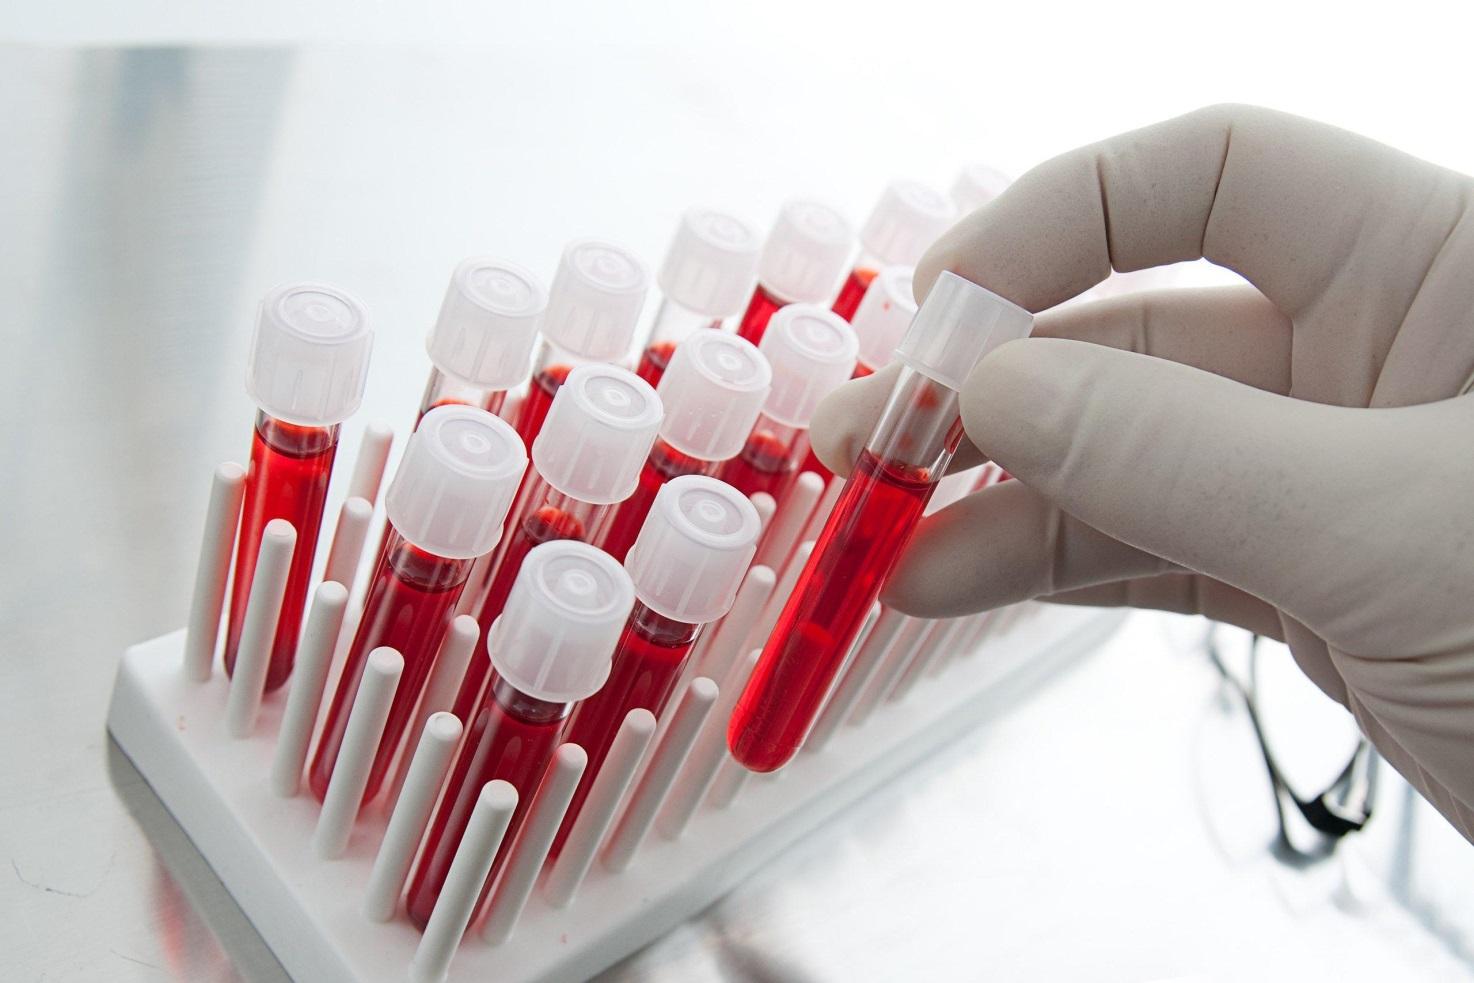 на фото зображений набір пробірок для крові для аналізу